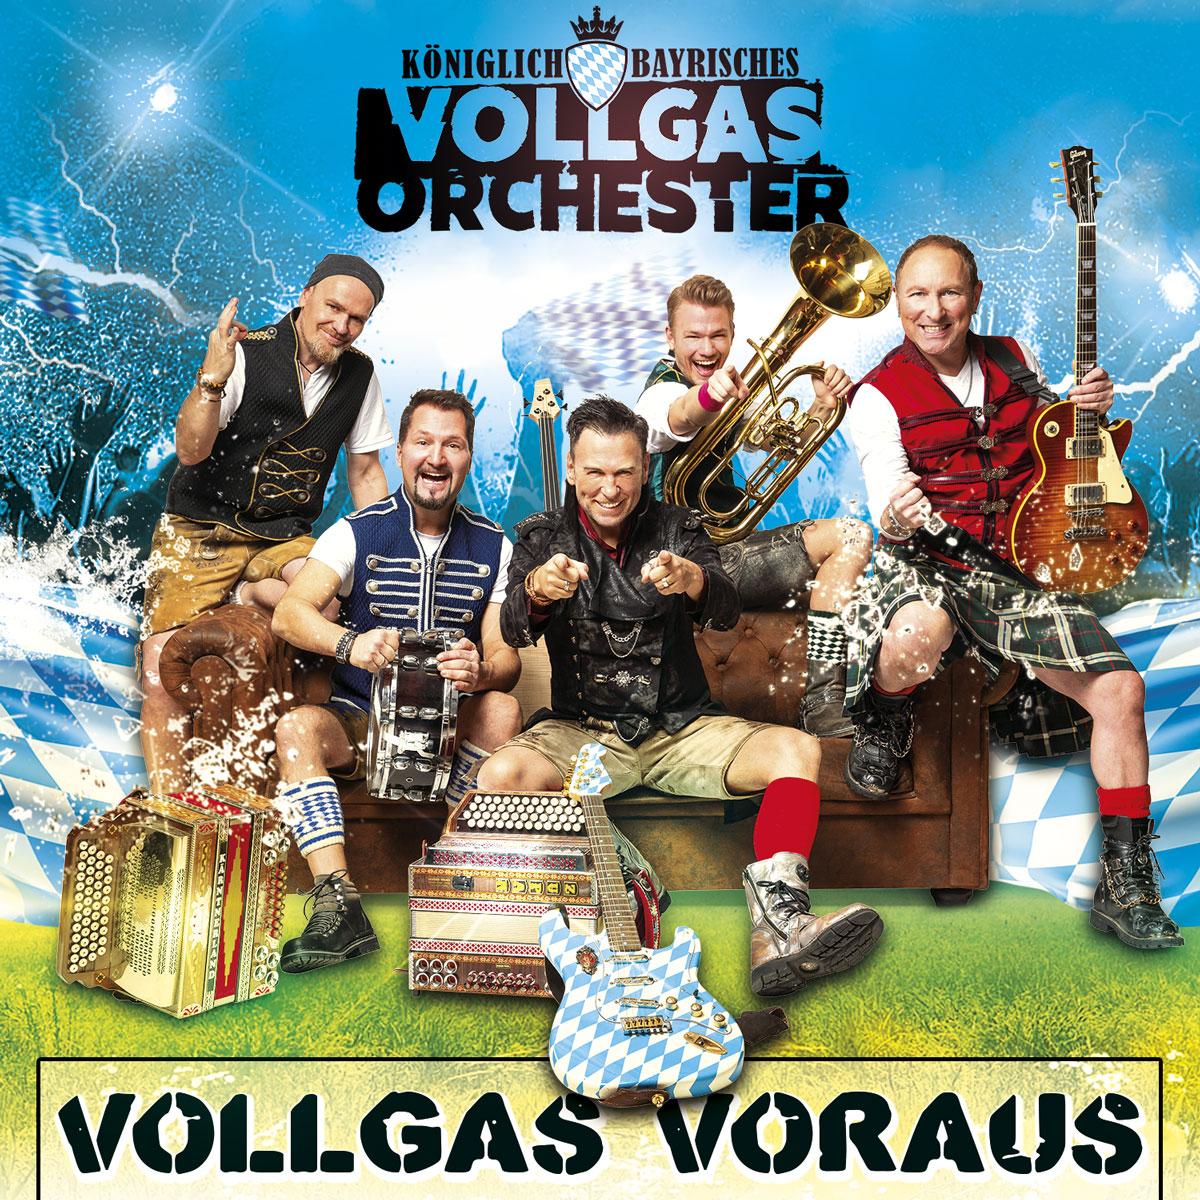 Königlich Bayrisches Vollgas Orchester Single CD Vollgas Voraus